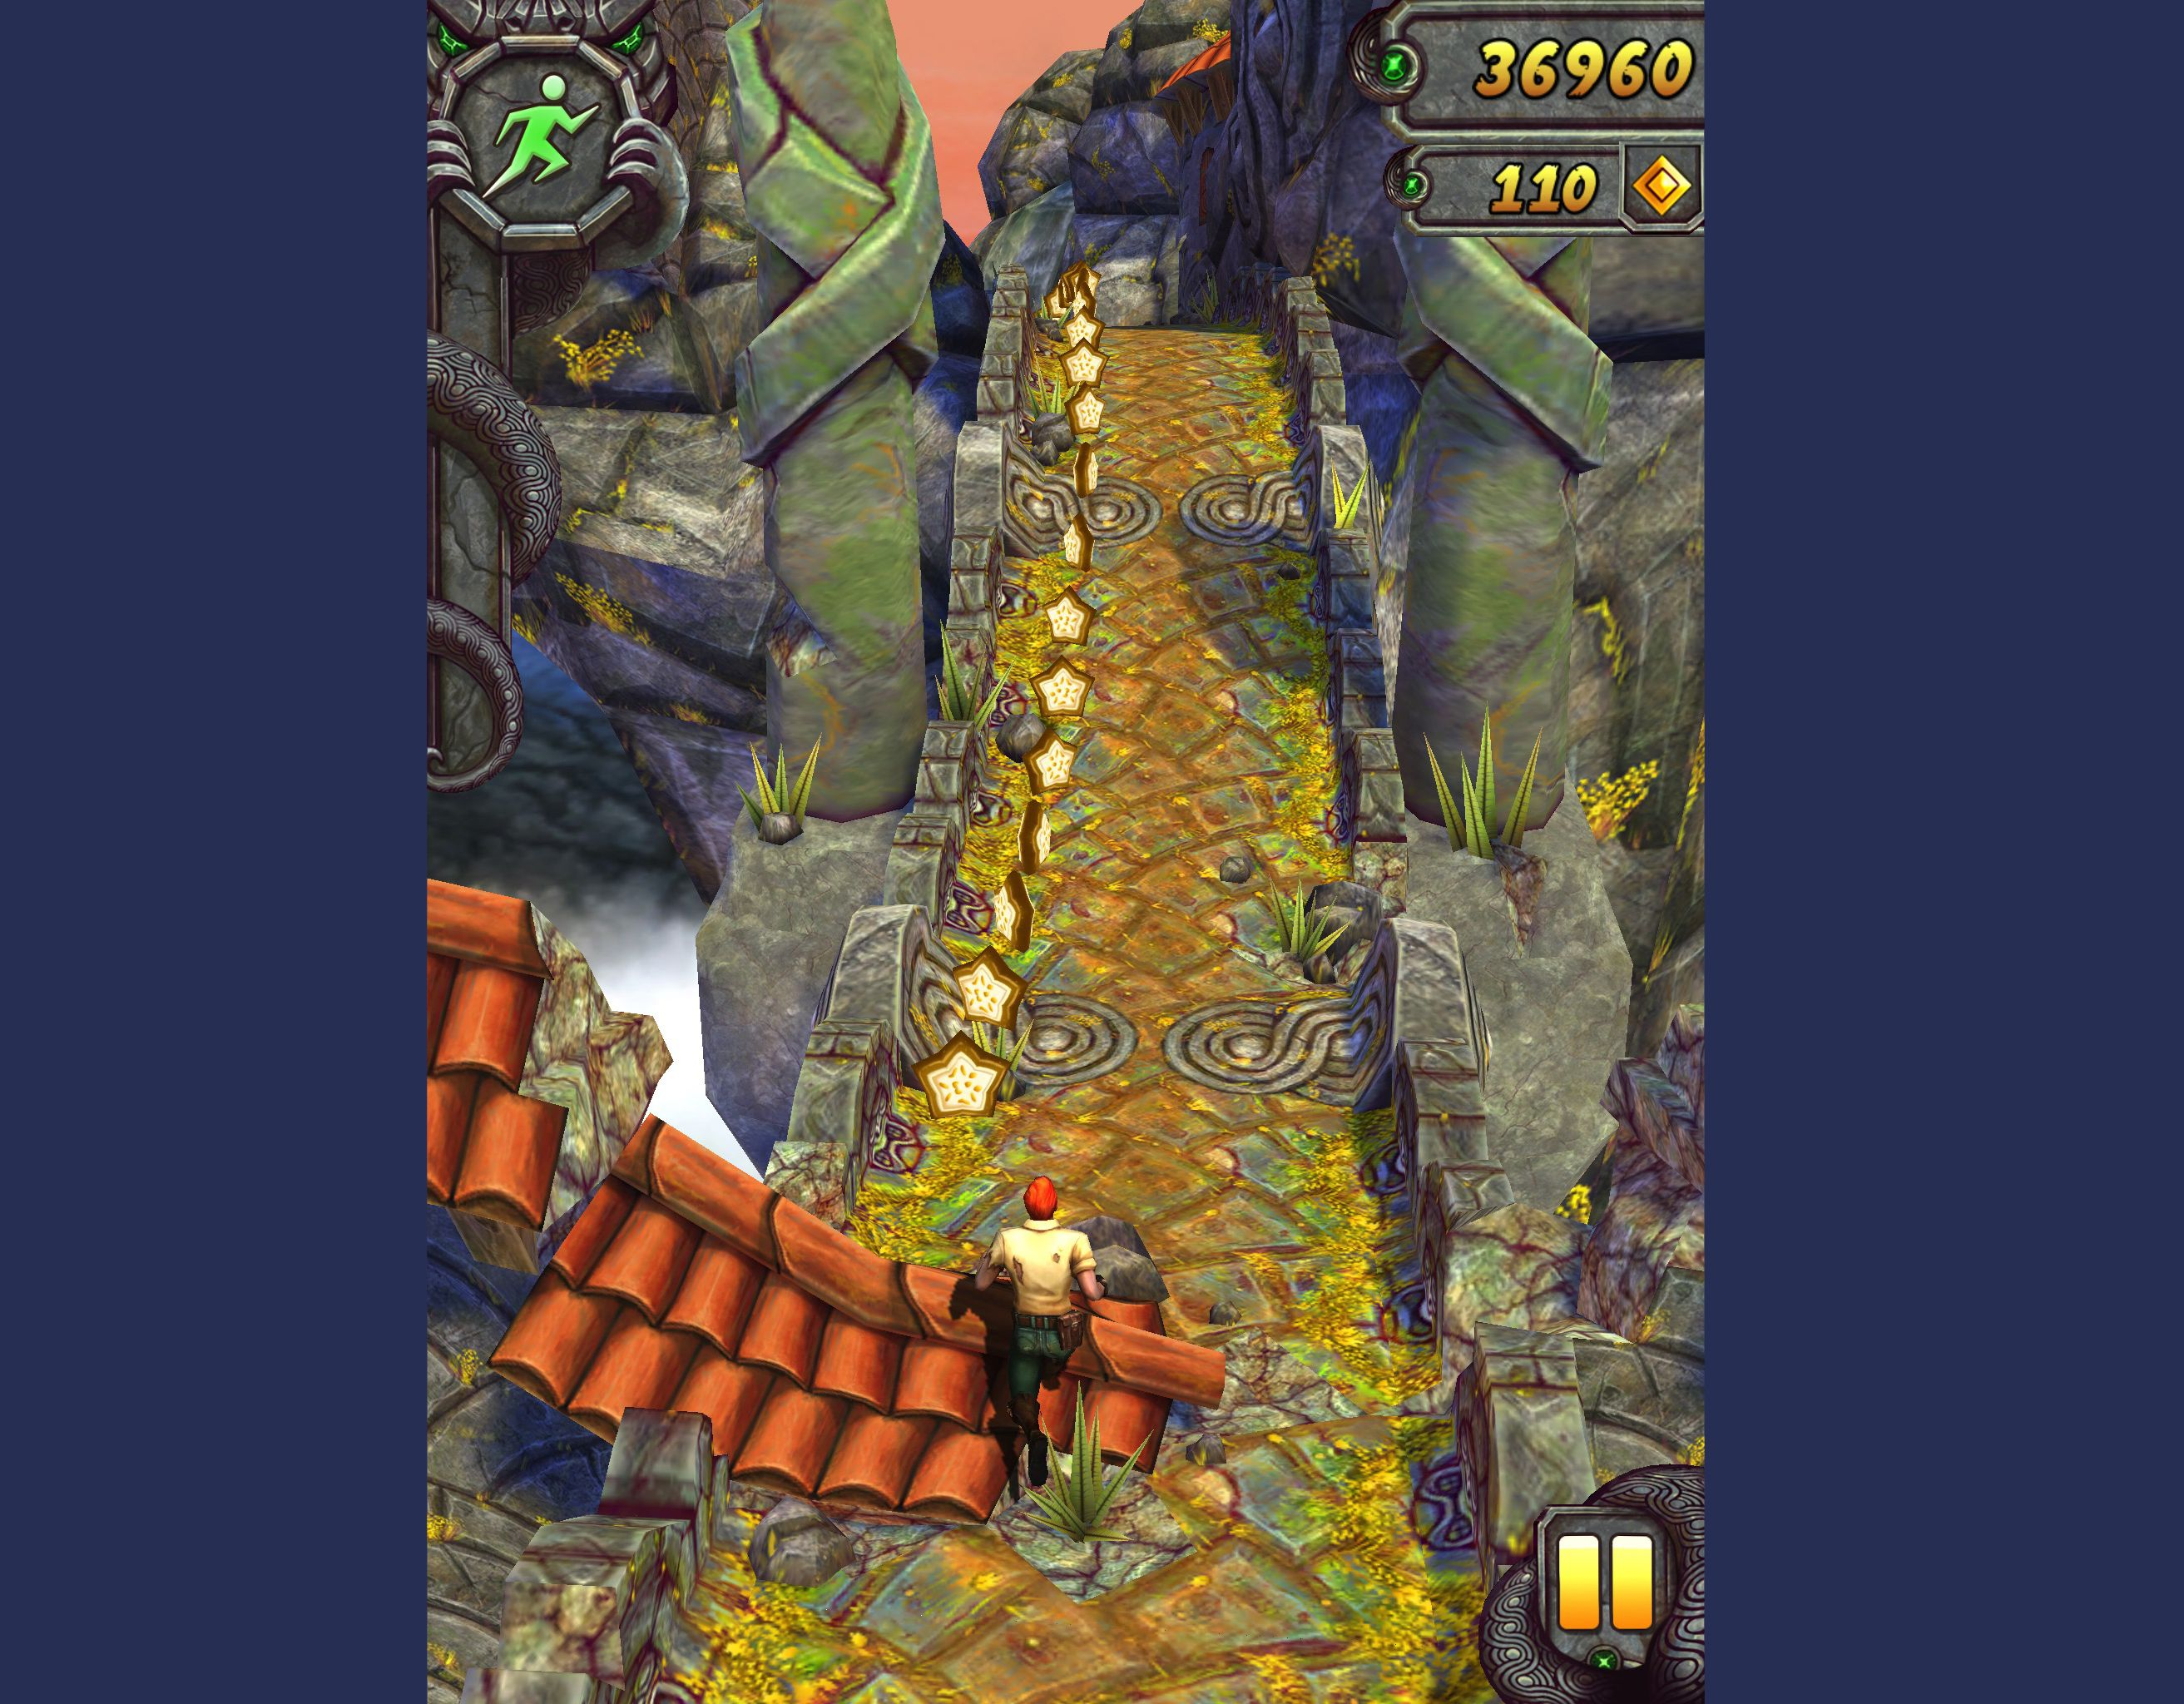 Temple Run 2 on iPad